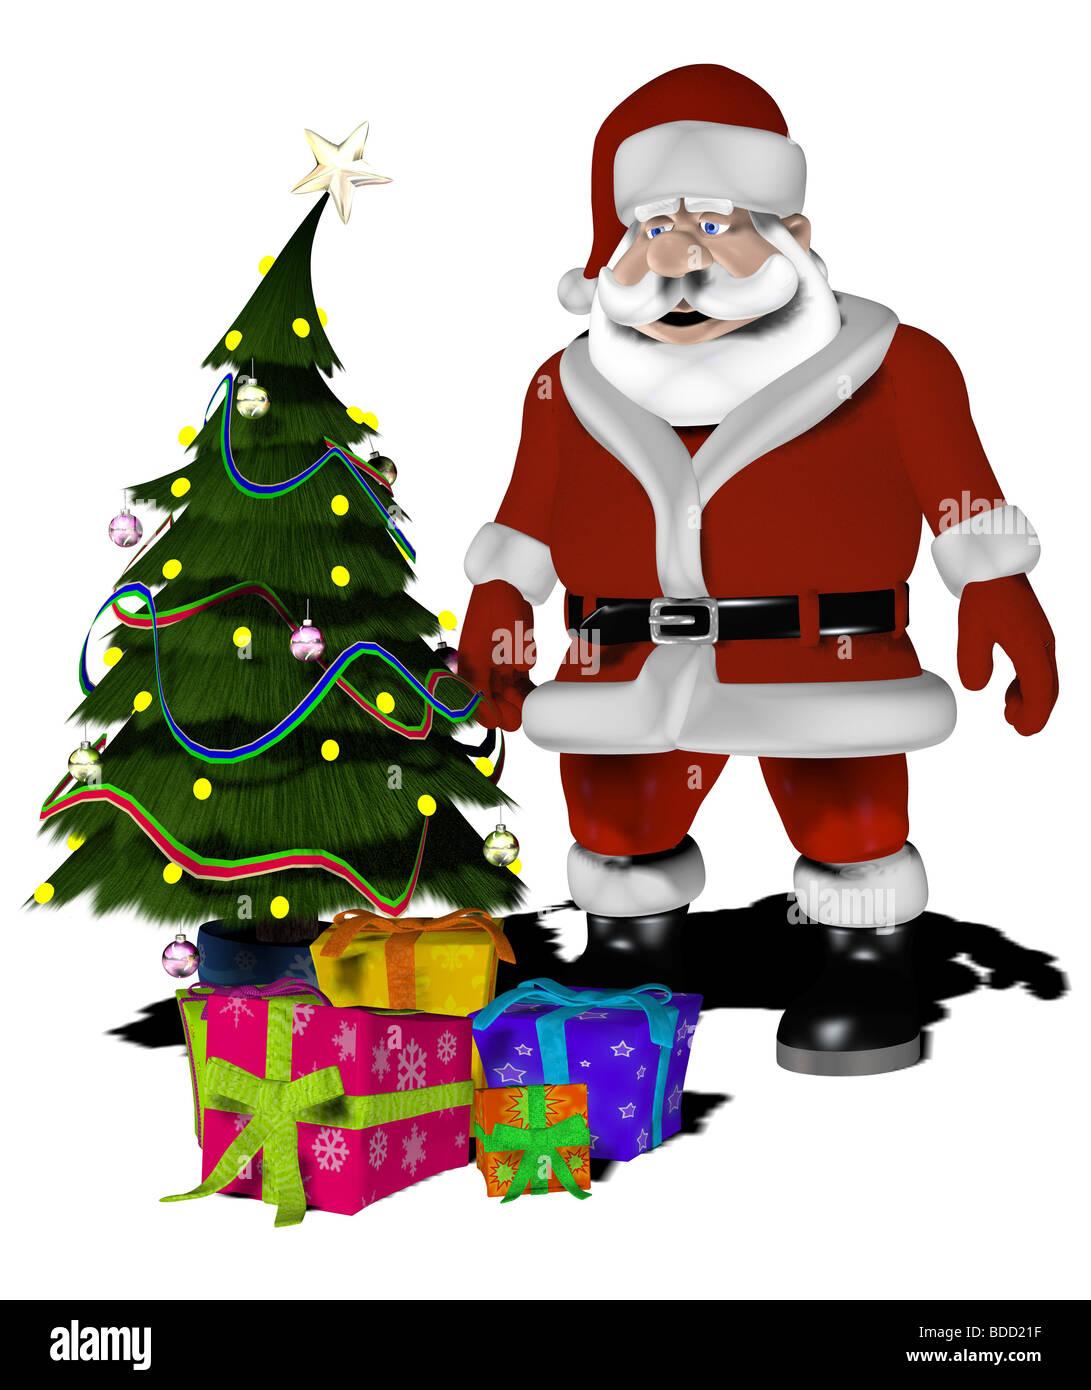 Babbo Natale Con I Doni E Albero Di Natale Cartone Animato Foto